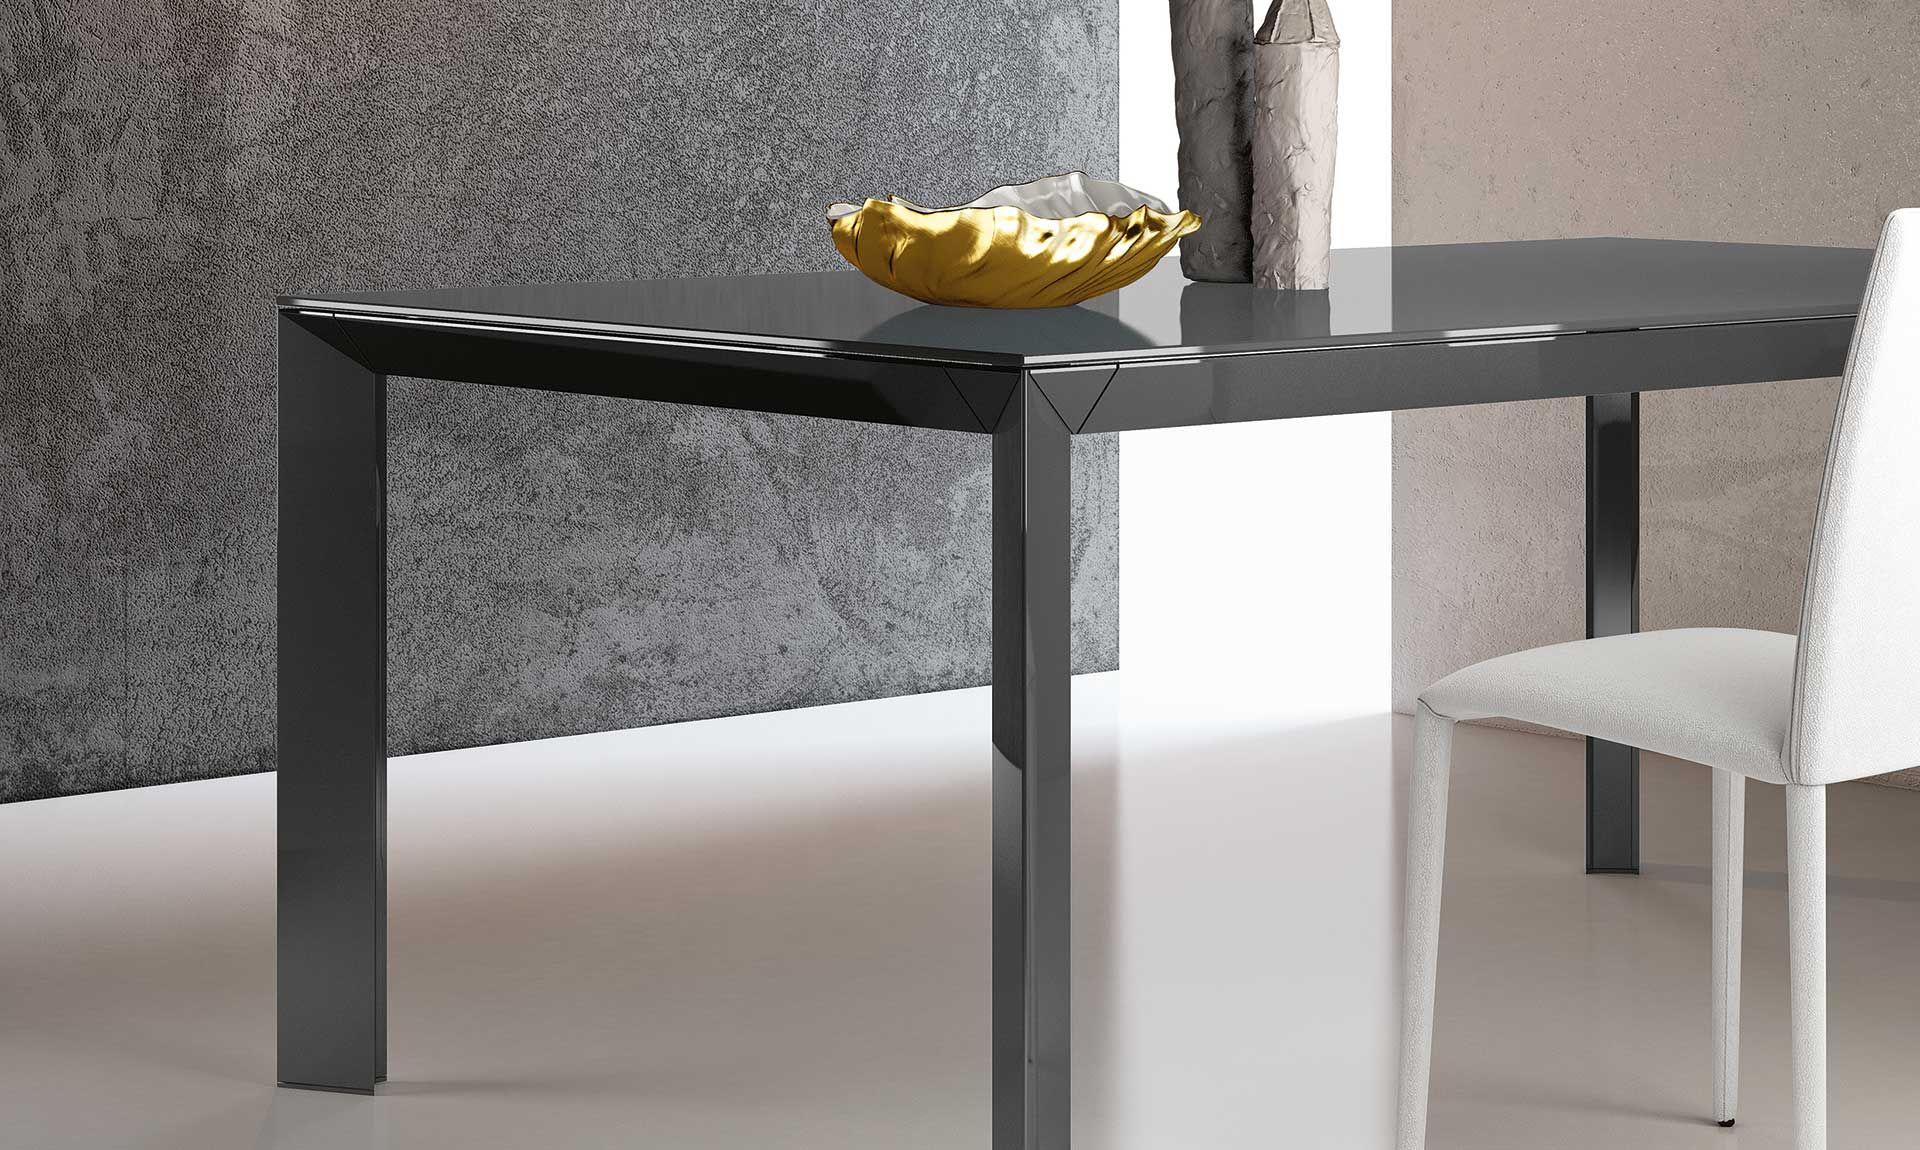 Tavolo in cristallo Manhattan Mahnattan è un tavolo